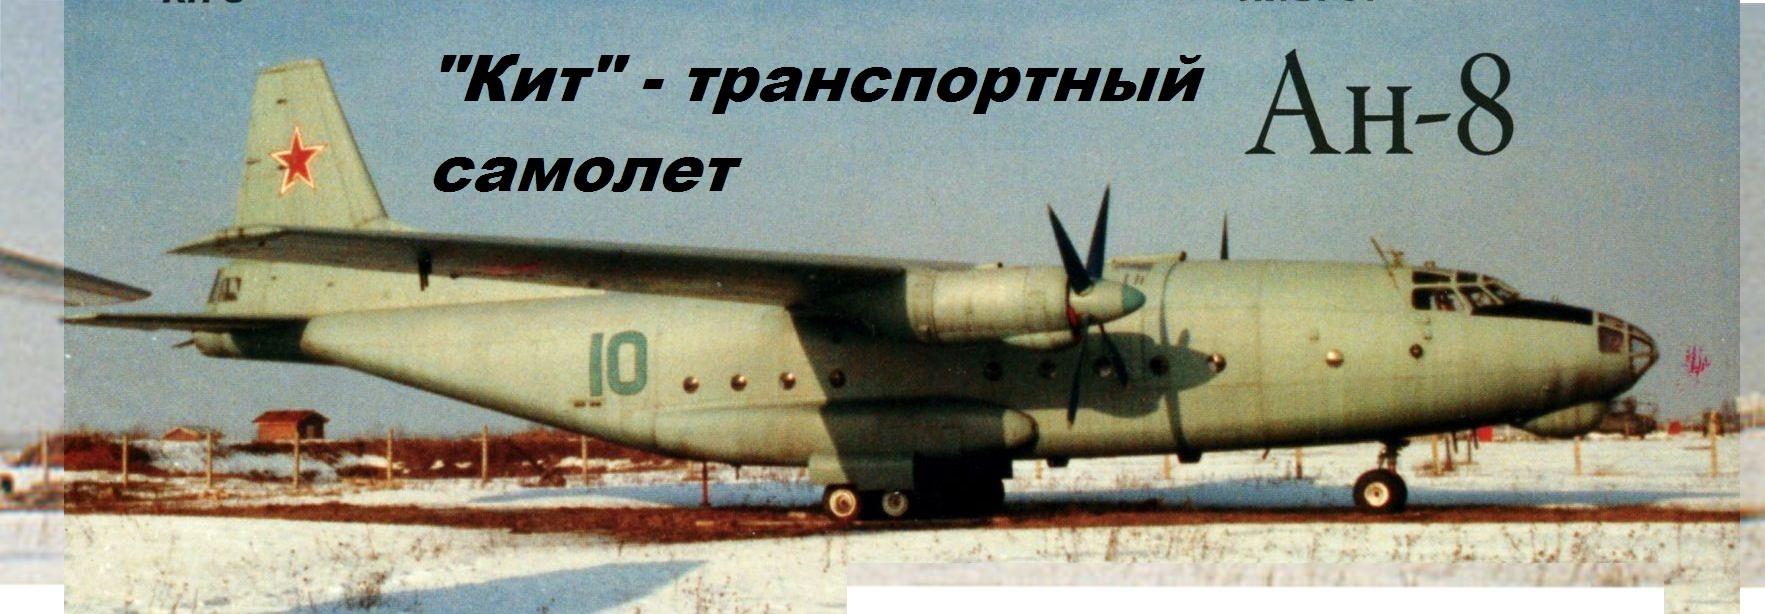 кит-транспортный самолет.jpg